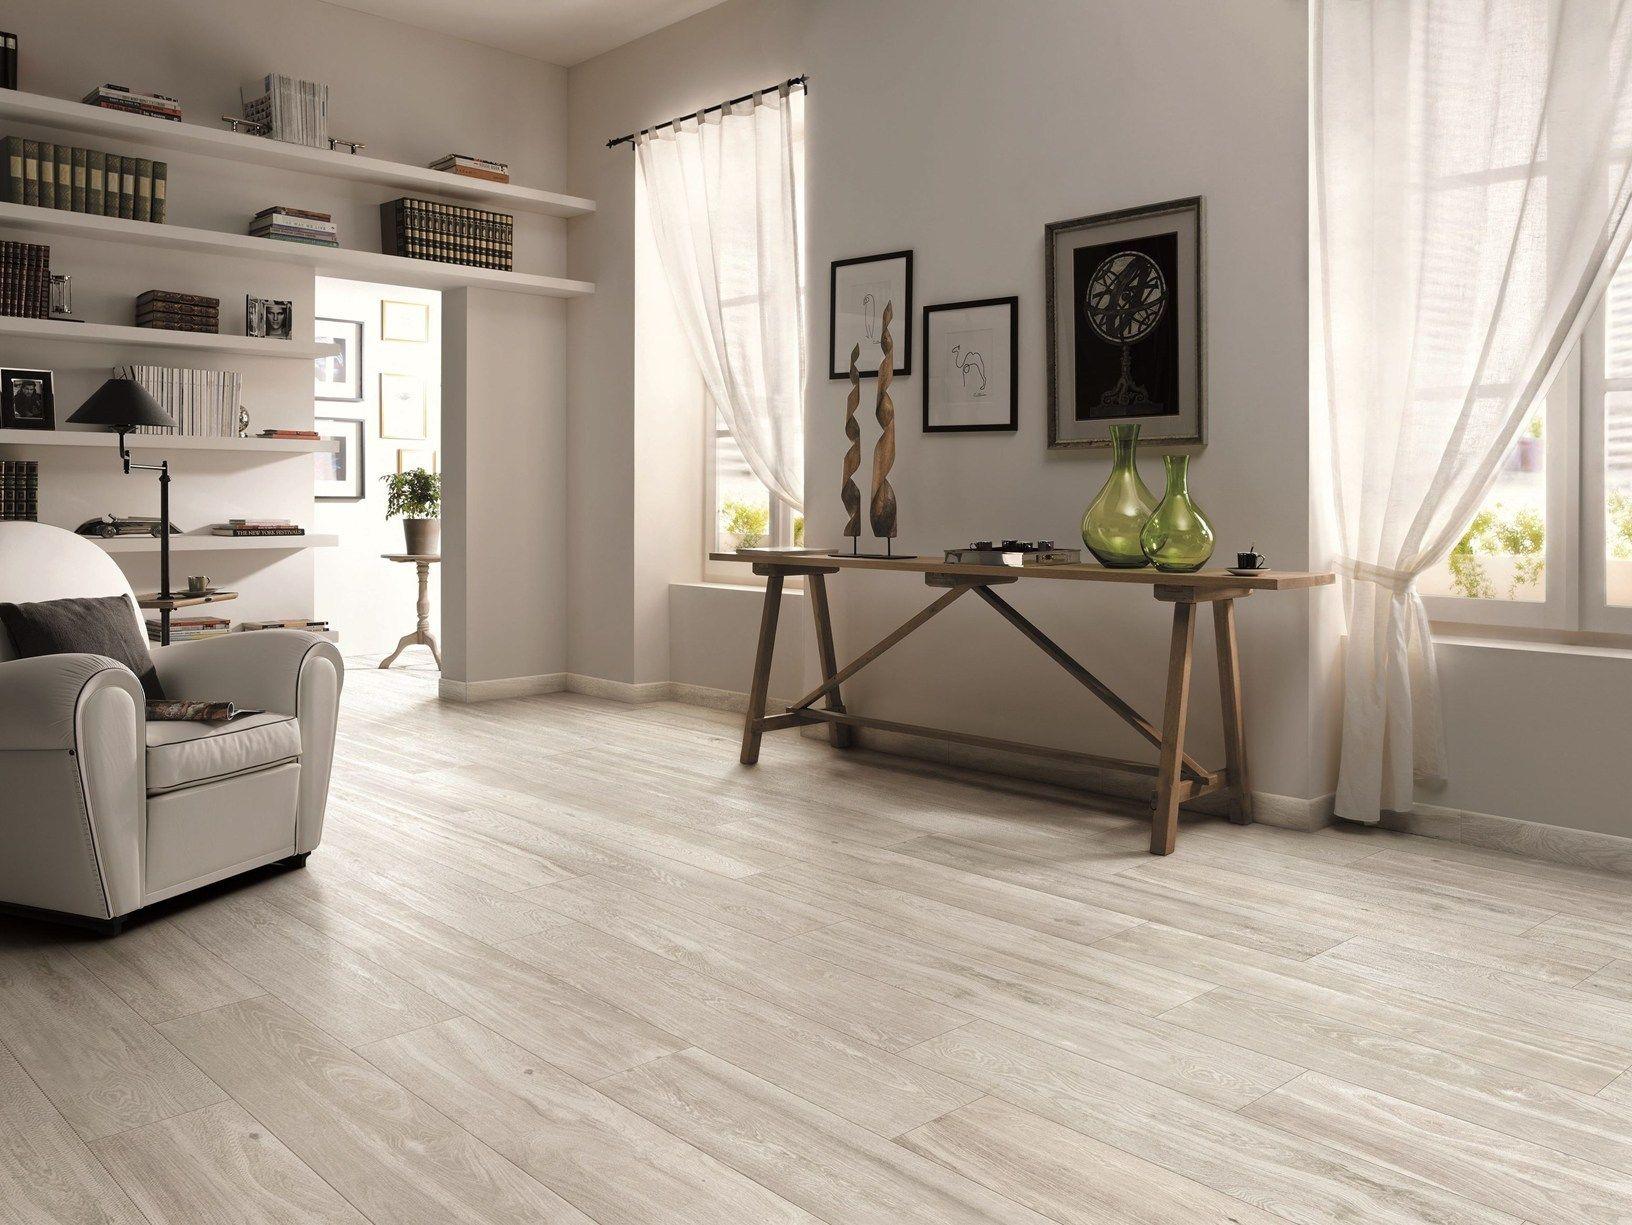 Pavimento Gres Rovere Sbiancato sandalo, rovere e faggio per ambienti classici o metropolitani